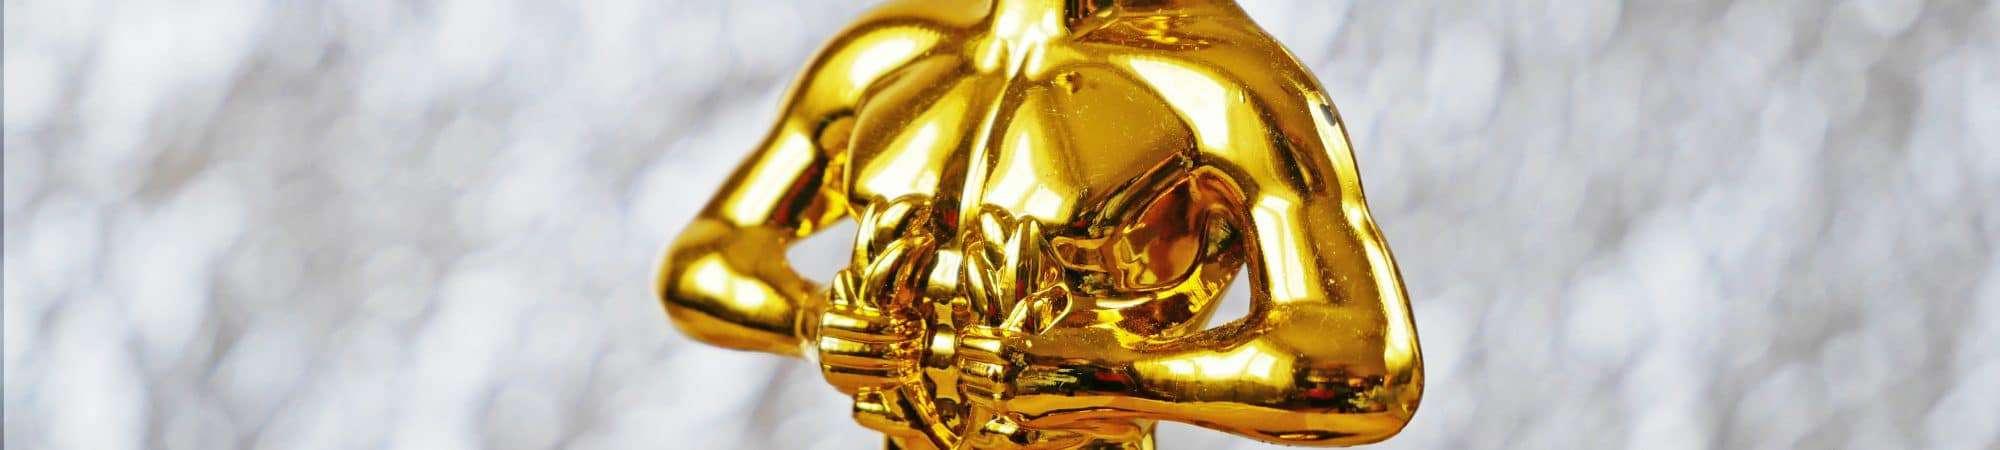 Como a pandemia mudou as regras do Oscar 2021. Imagem: LanKS/Shutterstock.com